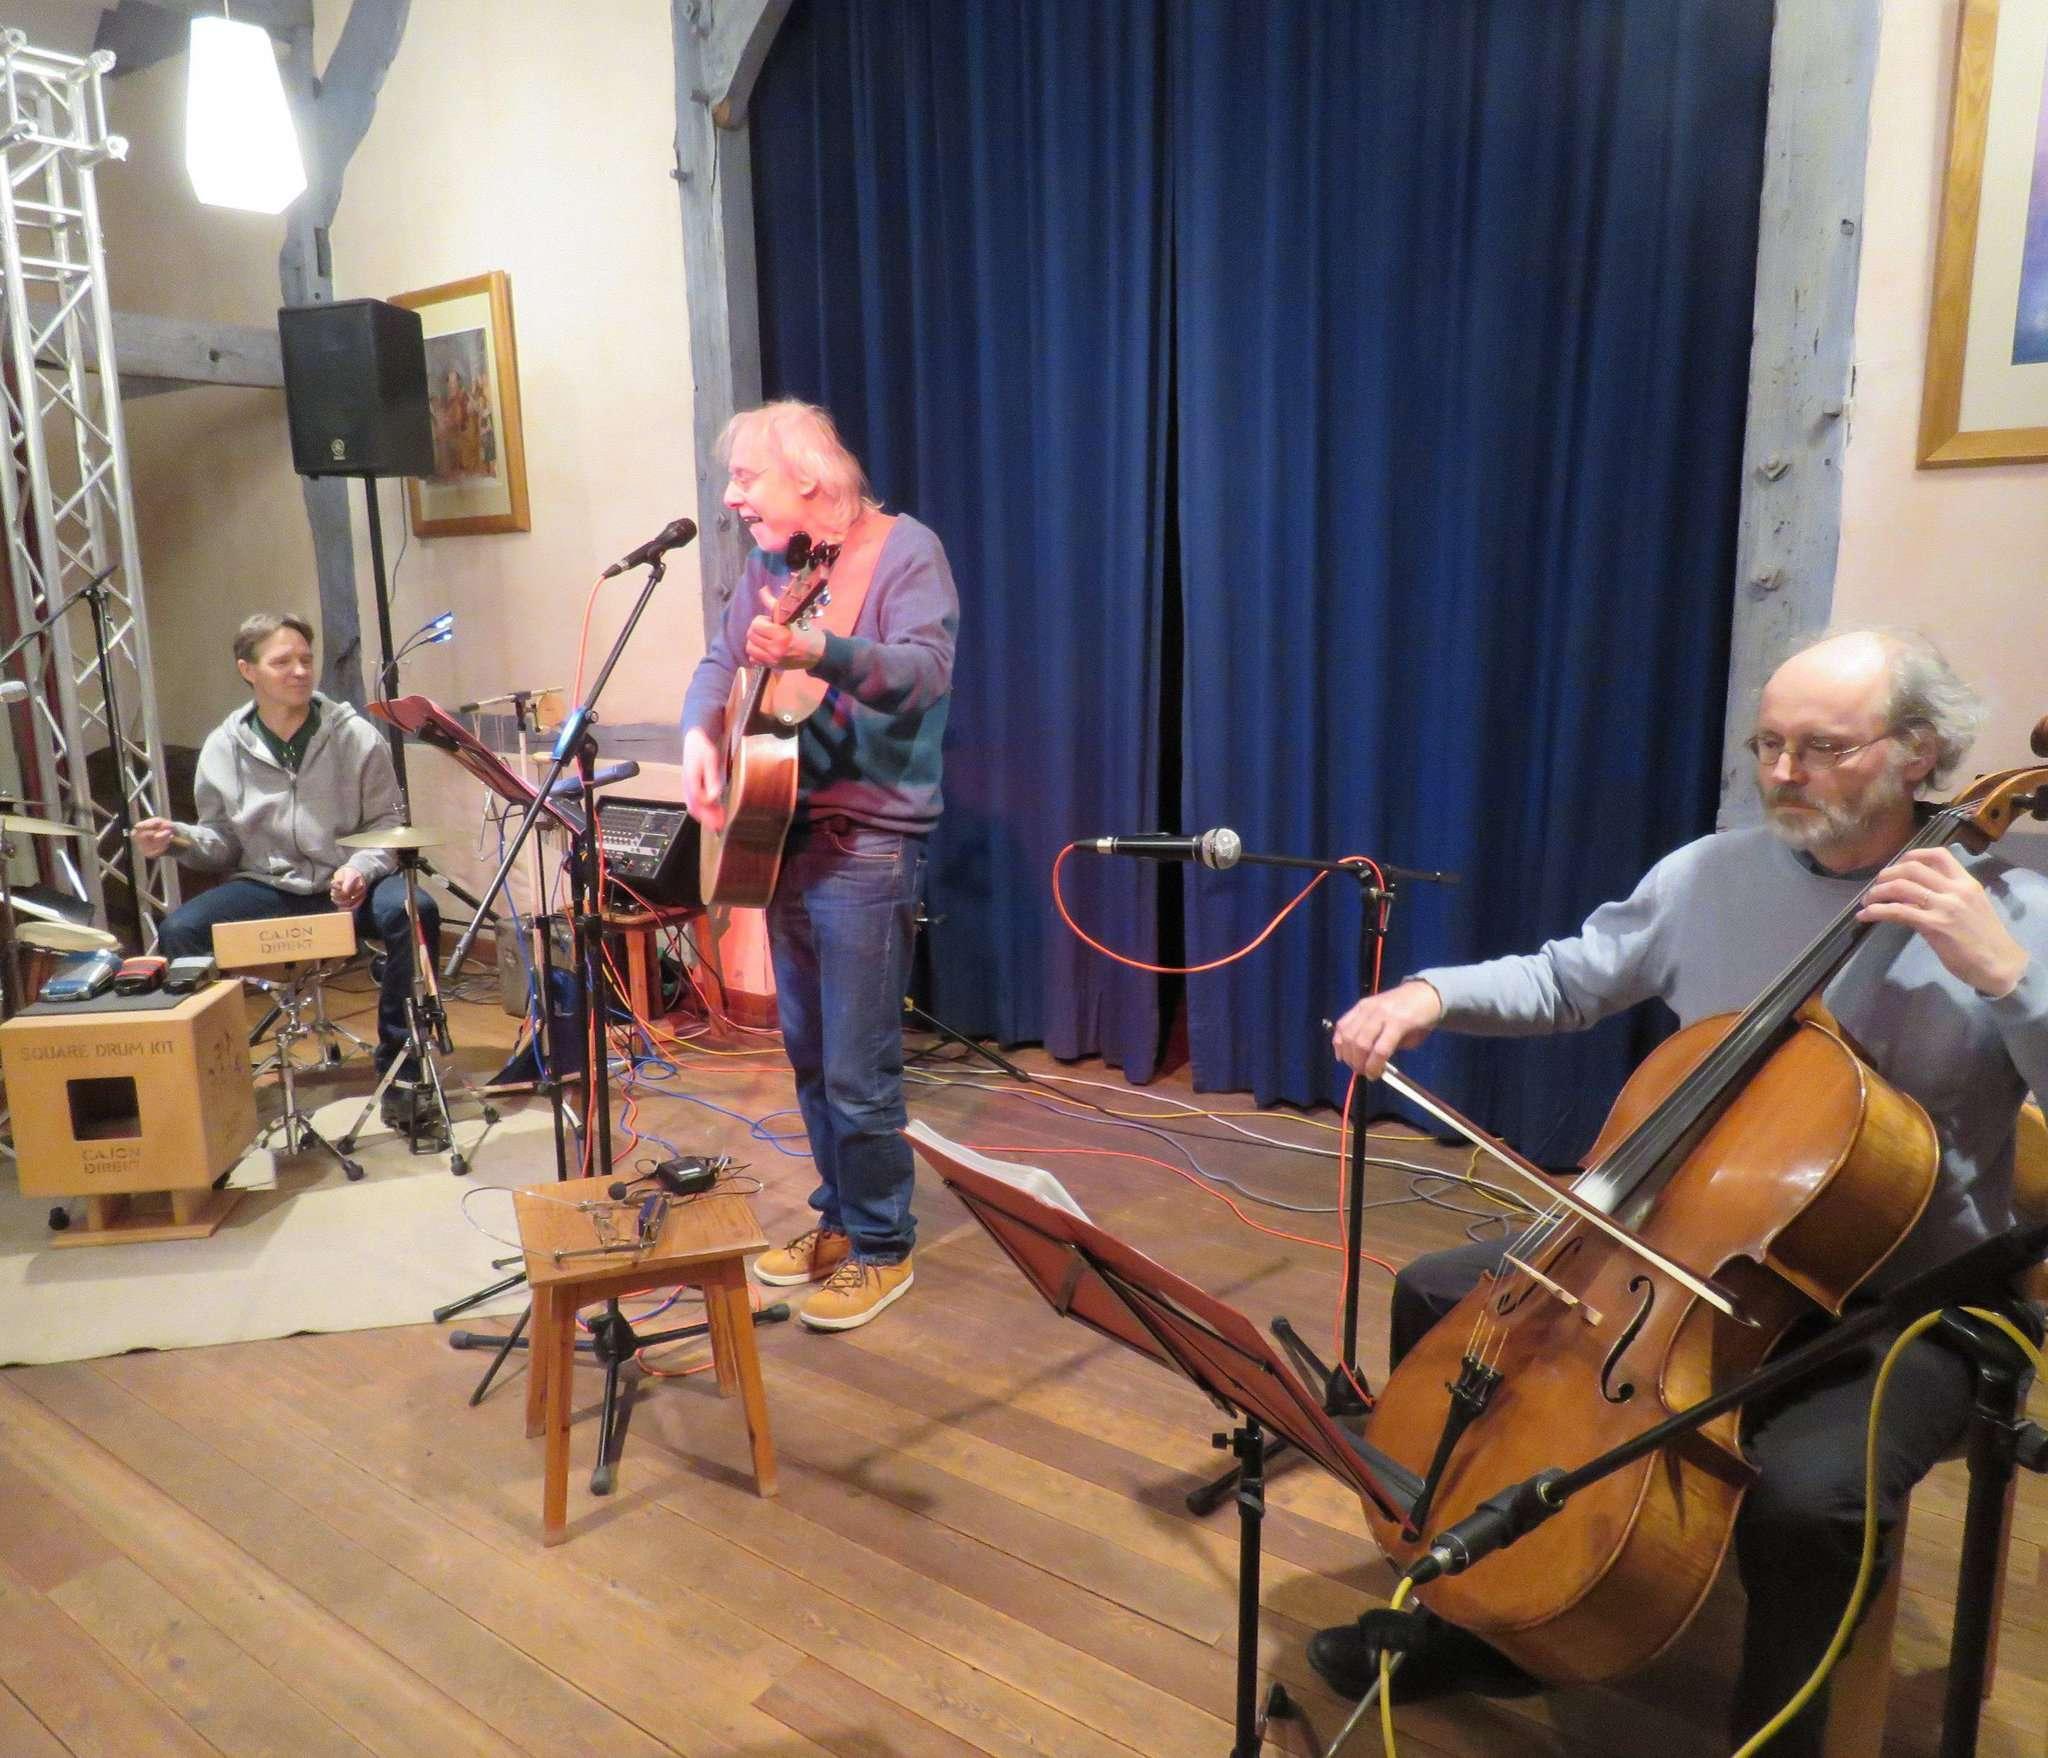 Frank Mattutat (von links), Werner Winkel und Wieland Nord begeisterten das Publikum. Foto: Elke Keppler-Rosenau